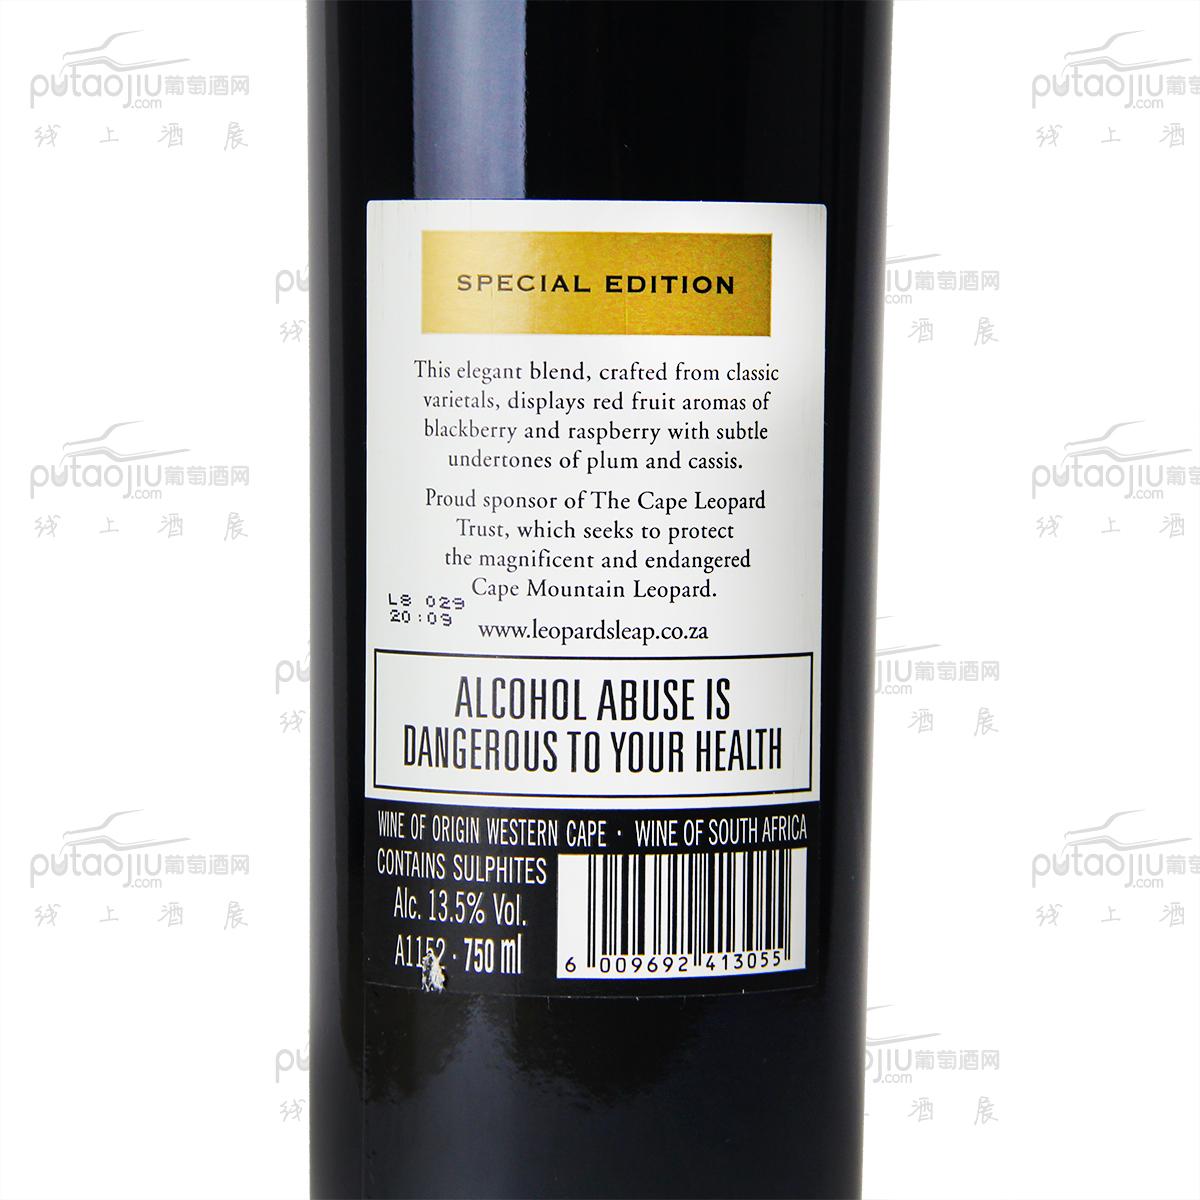 南非西开普省猎豹酒庄混酿特别版干红葡萄酒